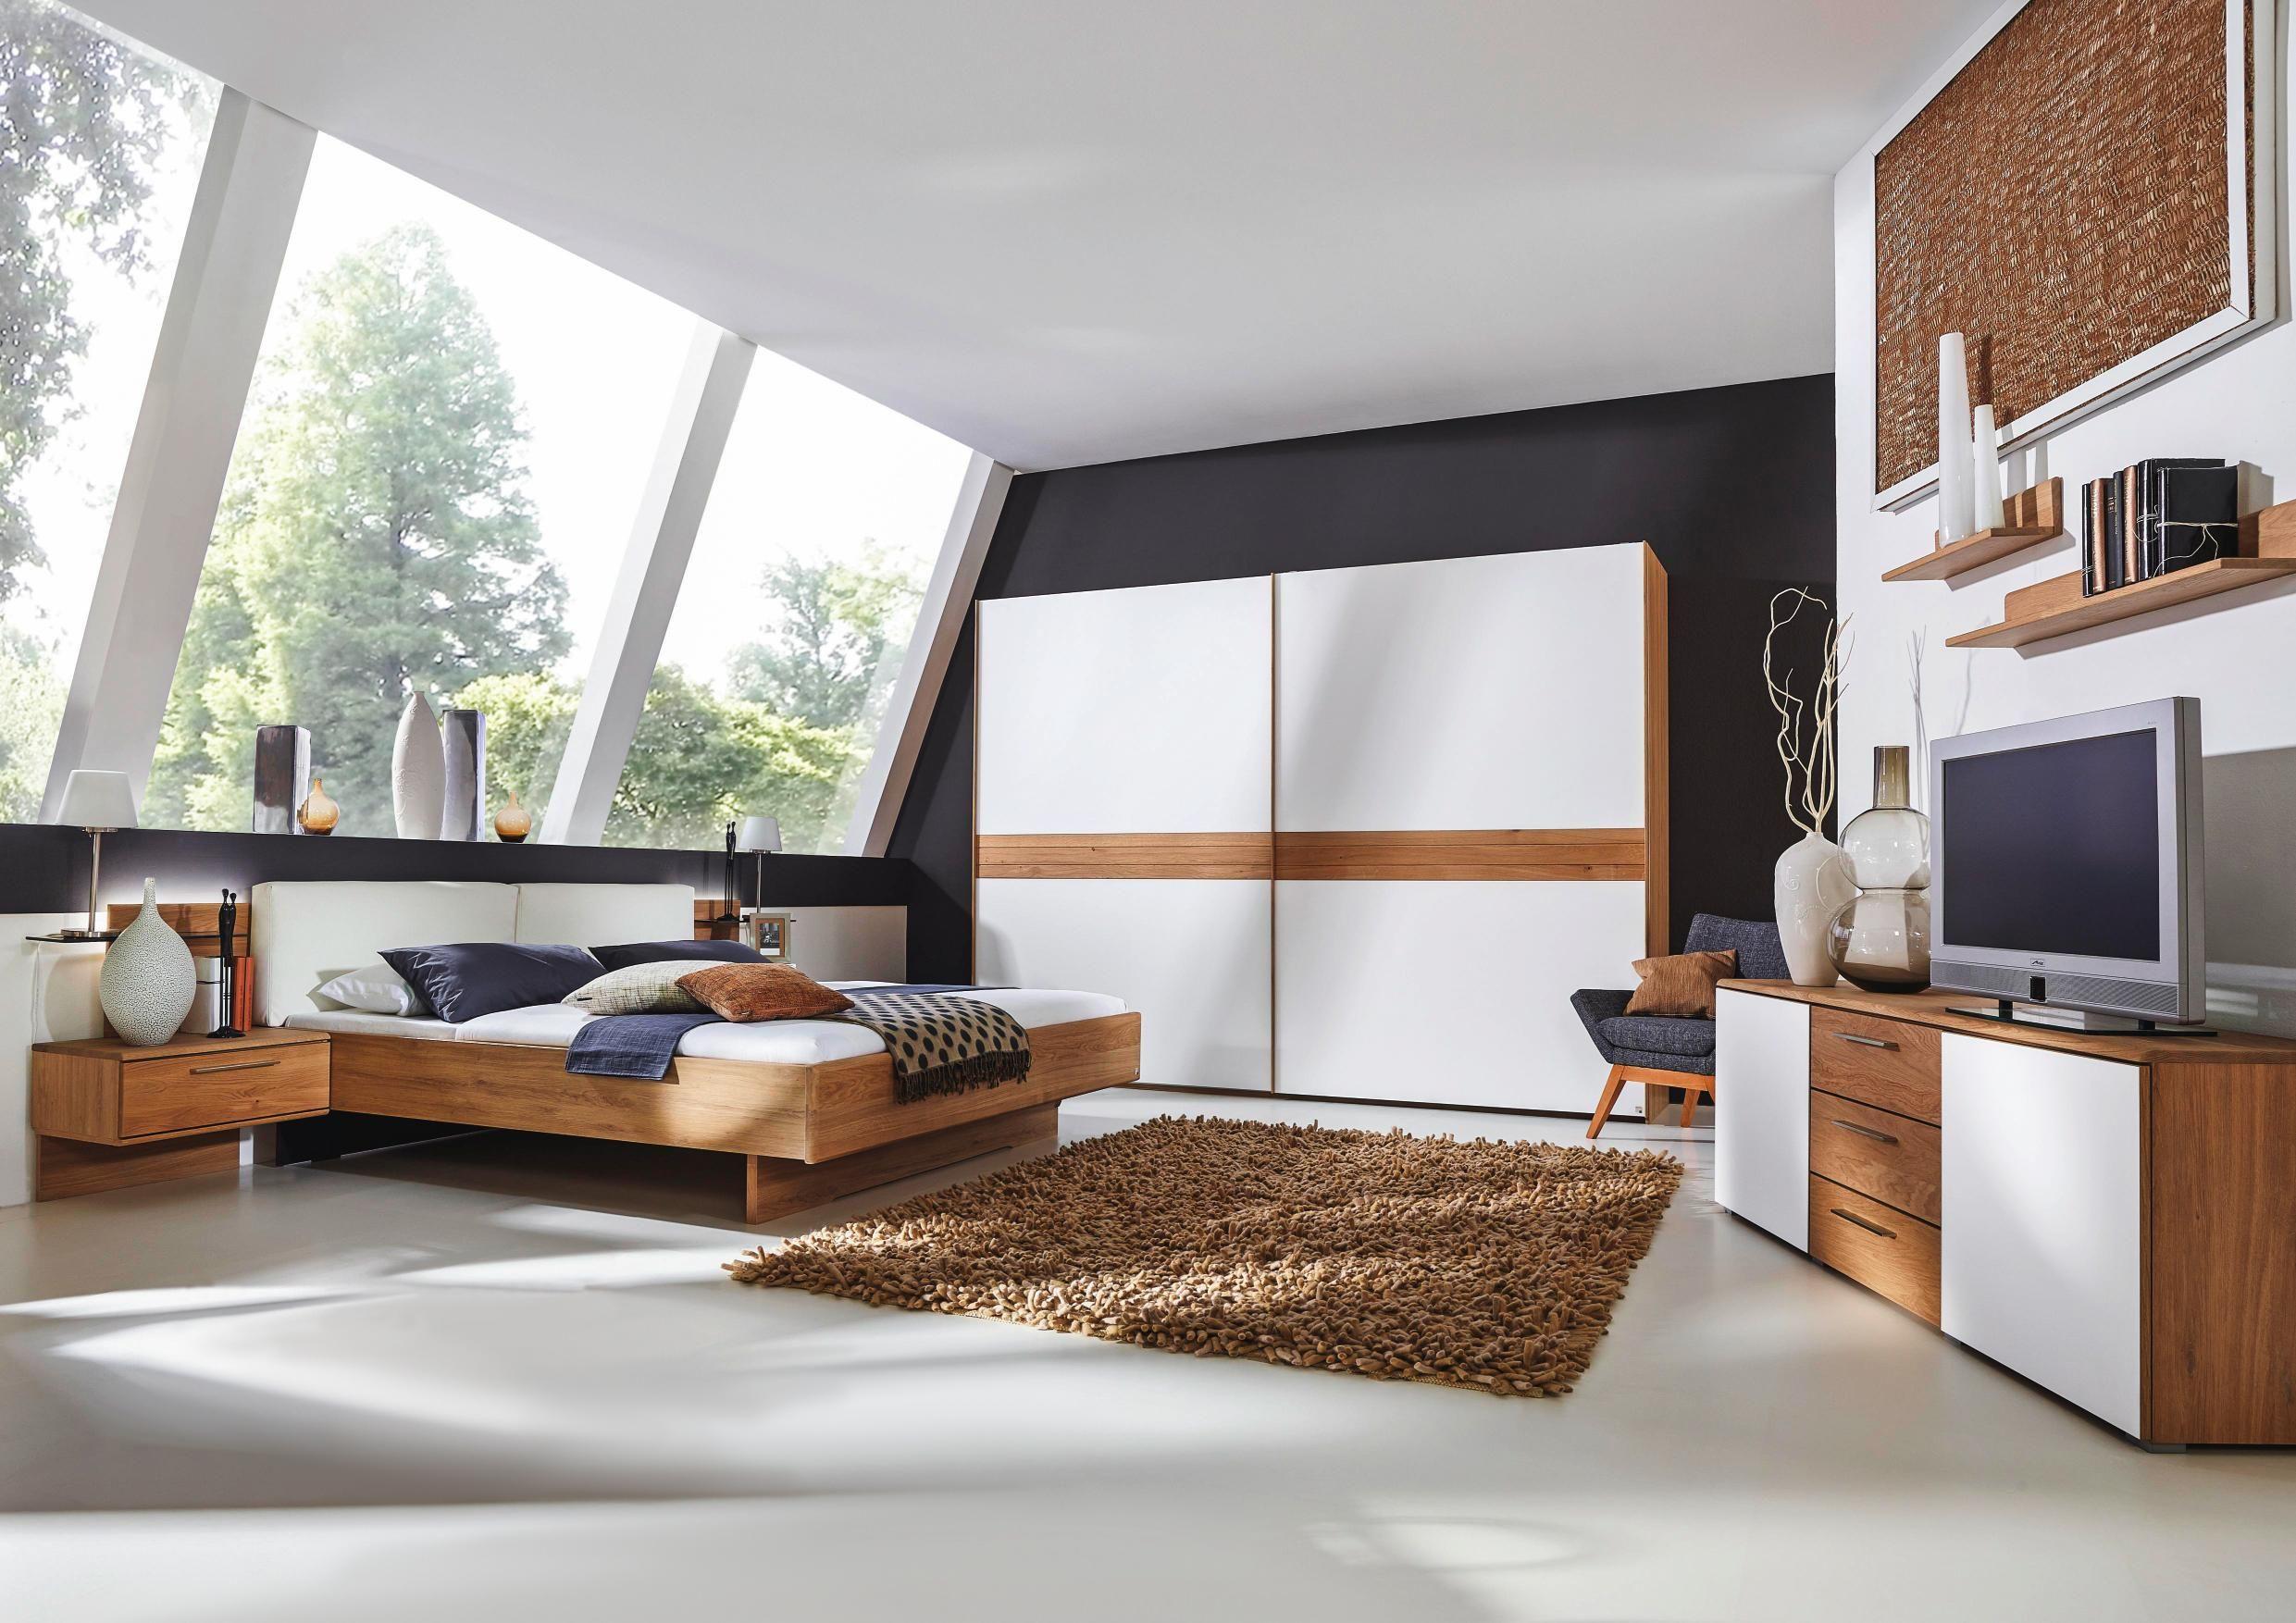 Ihr neues Schlafzimmer von DIETER KNOLL - hier werden ...